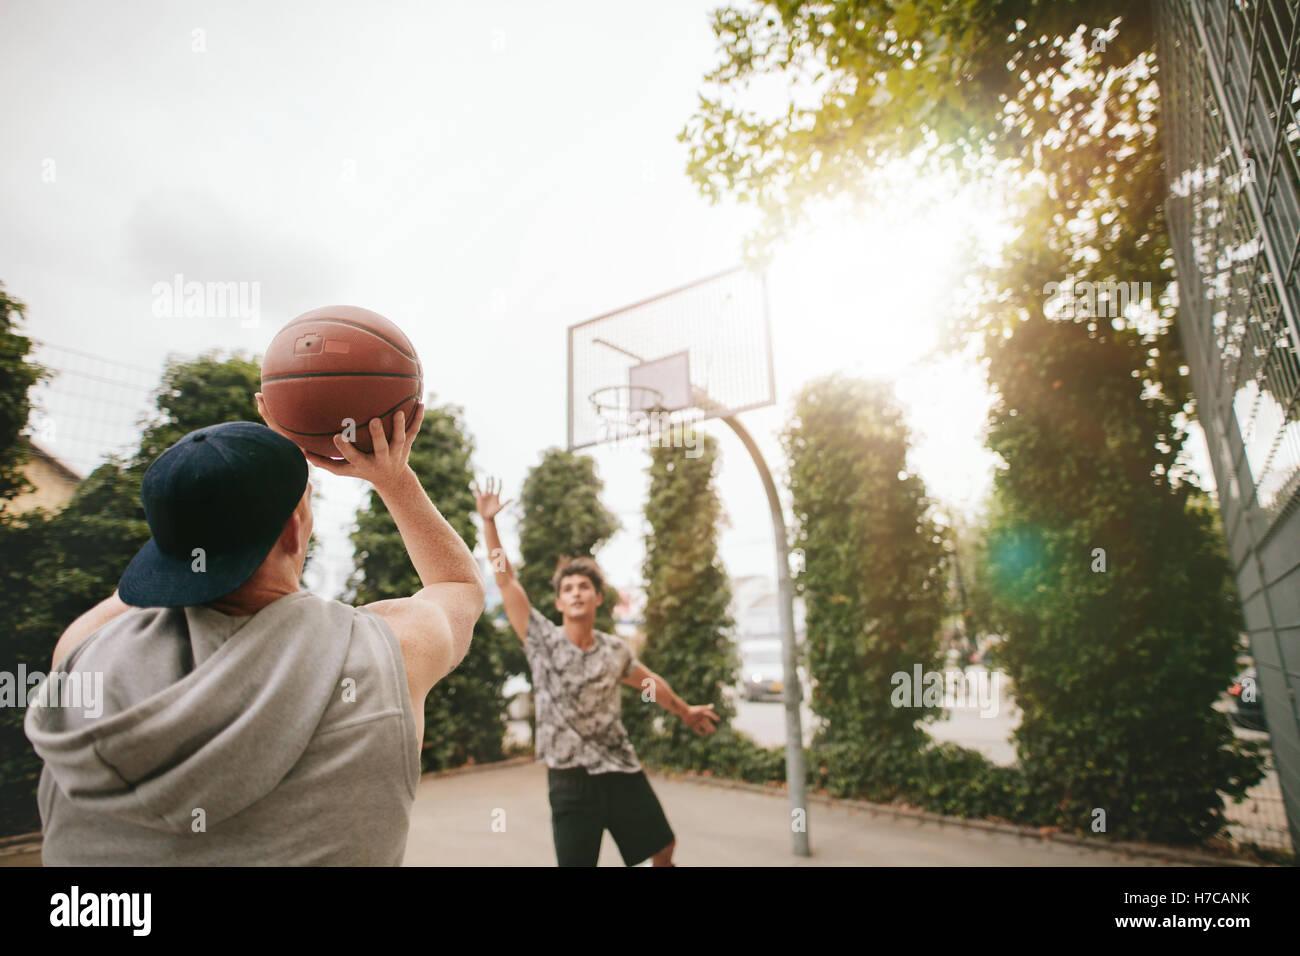 Streetball giocatori su corte giocare a basket. Giovane ragazzo tenendo shot al cestello con un amico il blocco. Immagini Stock